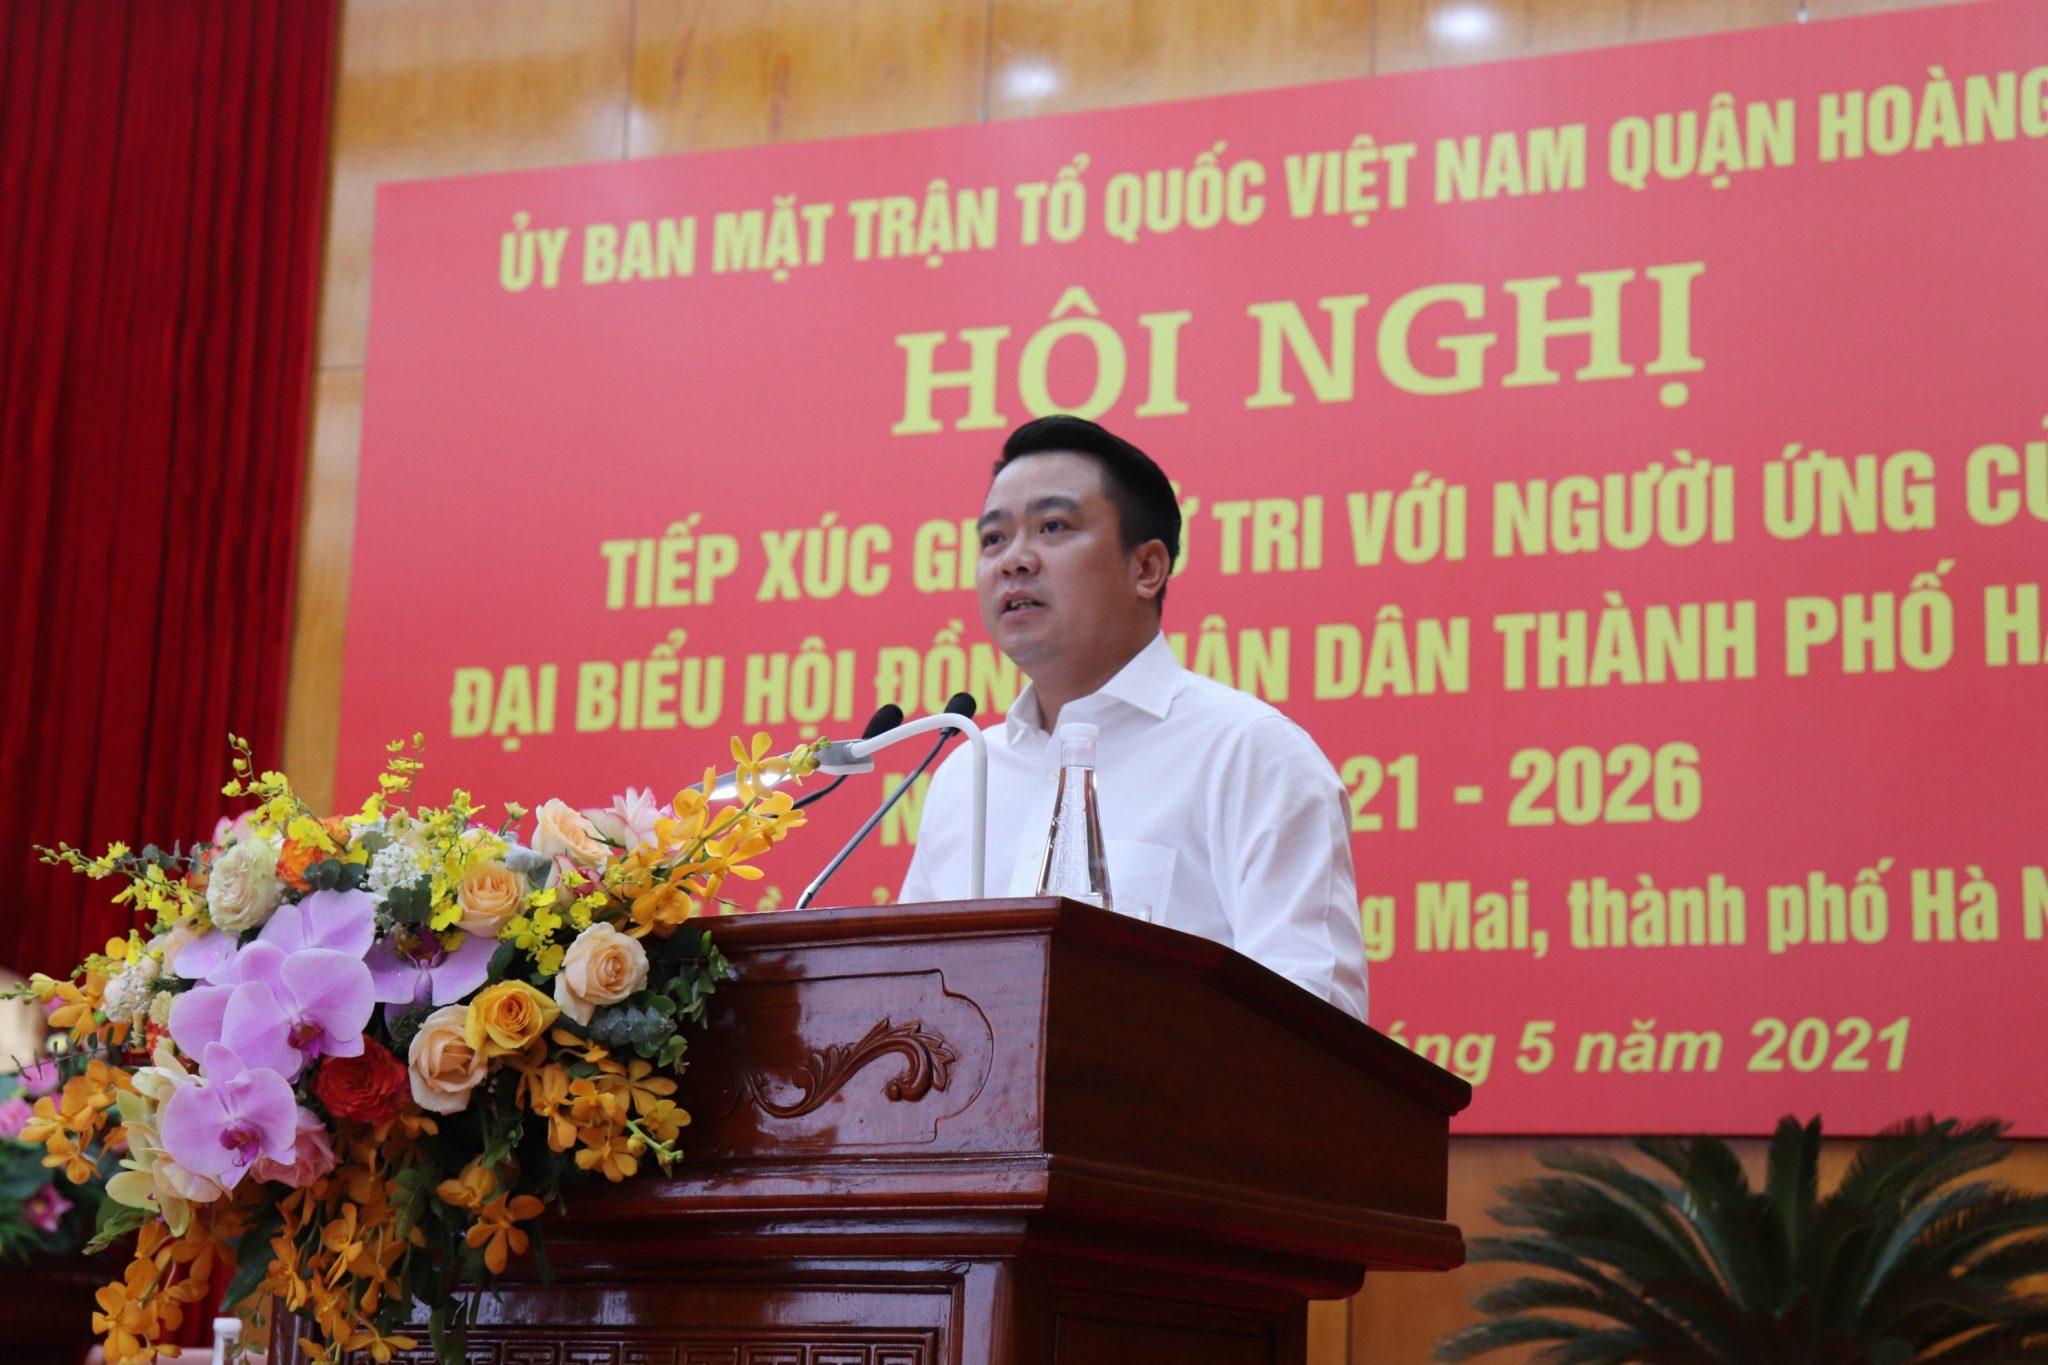 Chân dung tân đại biểu HĐNĐ thành phố Hà Nội 36 tuổi Nguyễn Duy Chính - Ảnh 1.